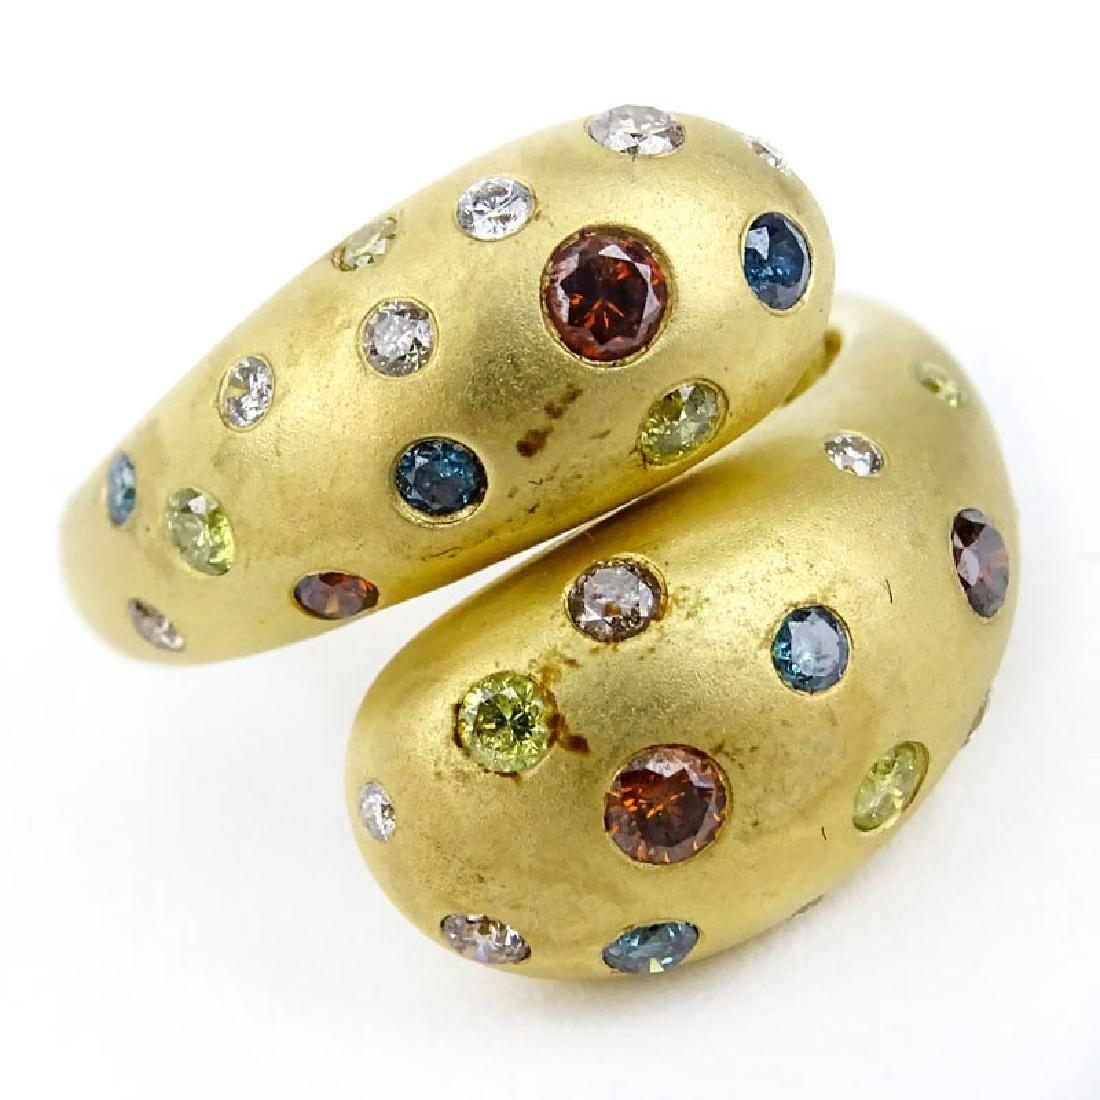 Vintage 18 Karat Yellow Gold Diamond and Gemstone Ring. - 2